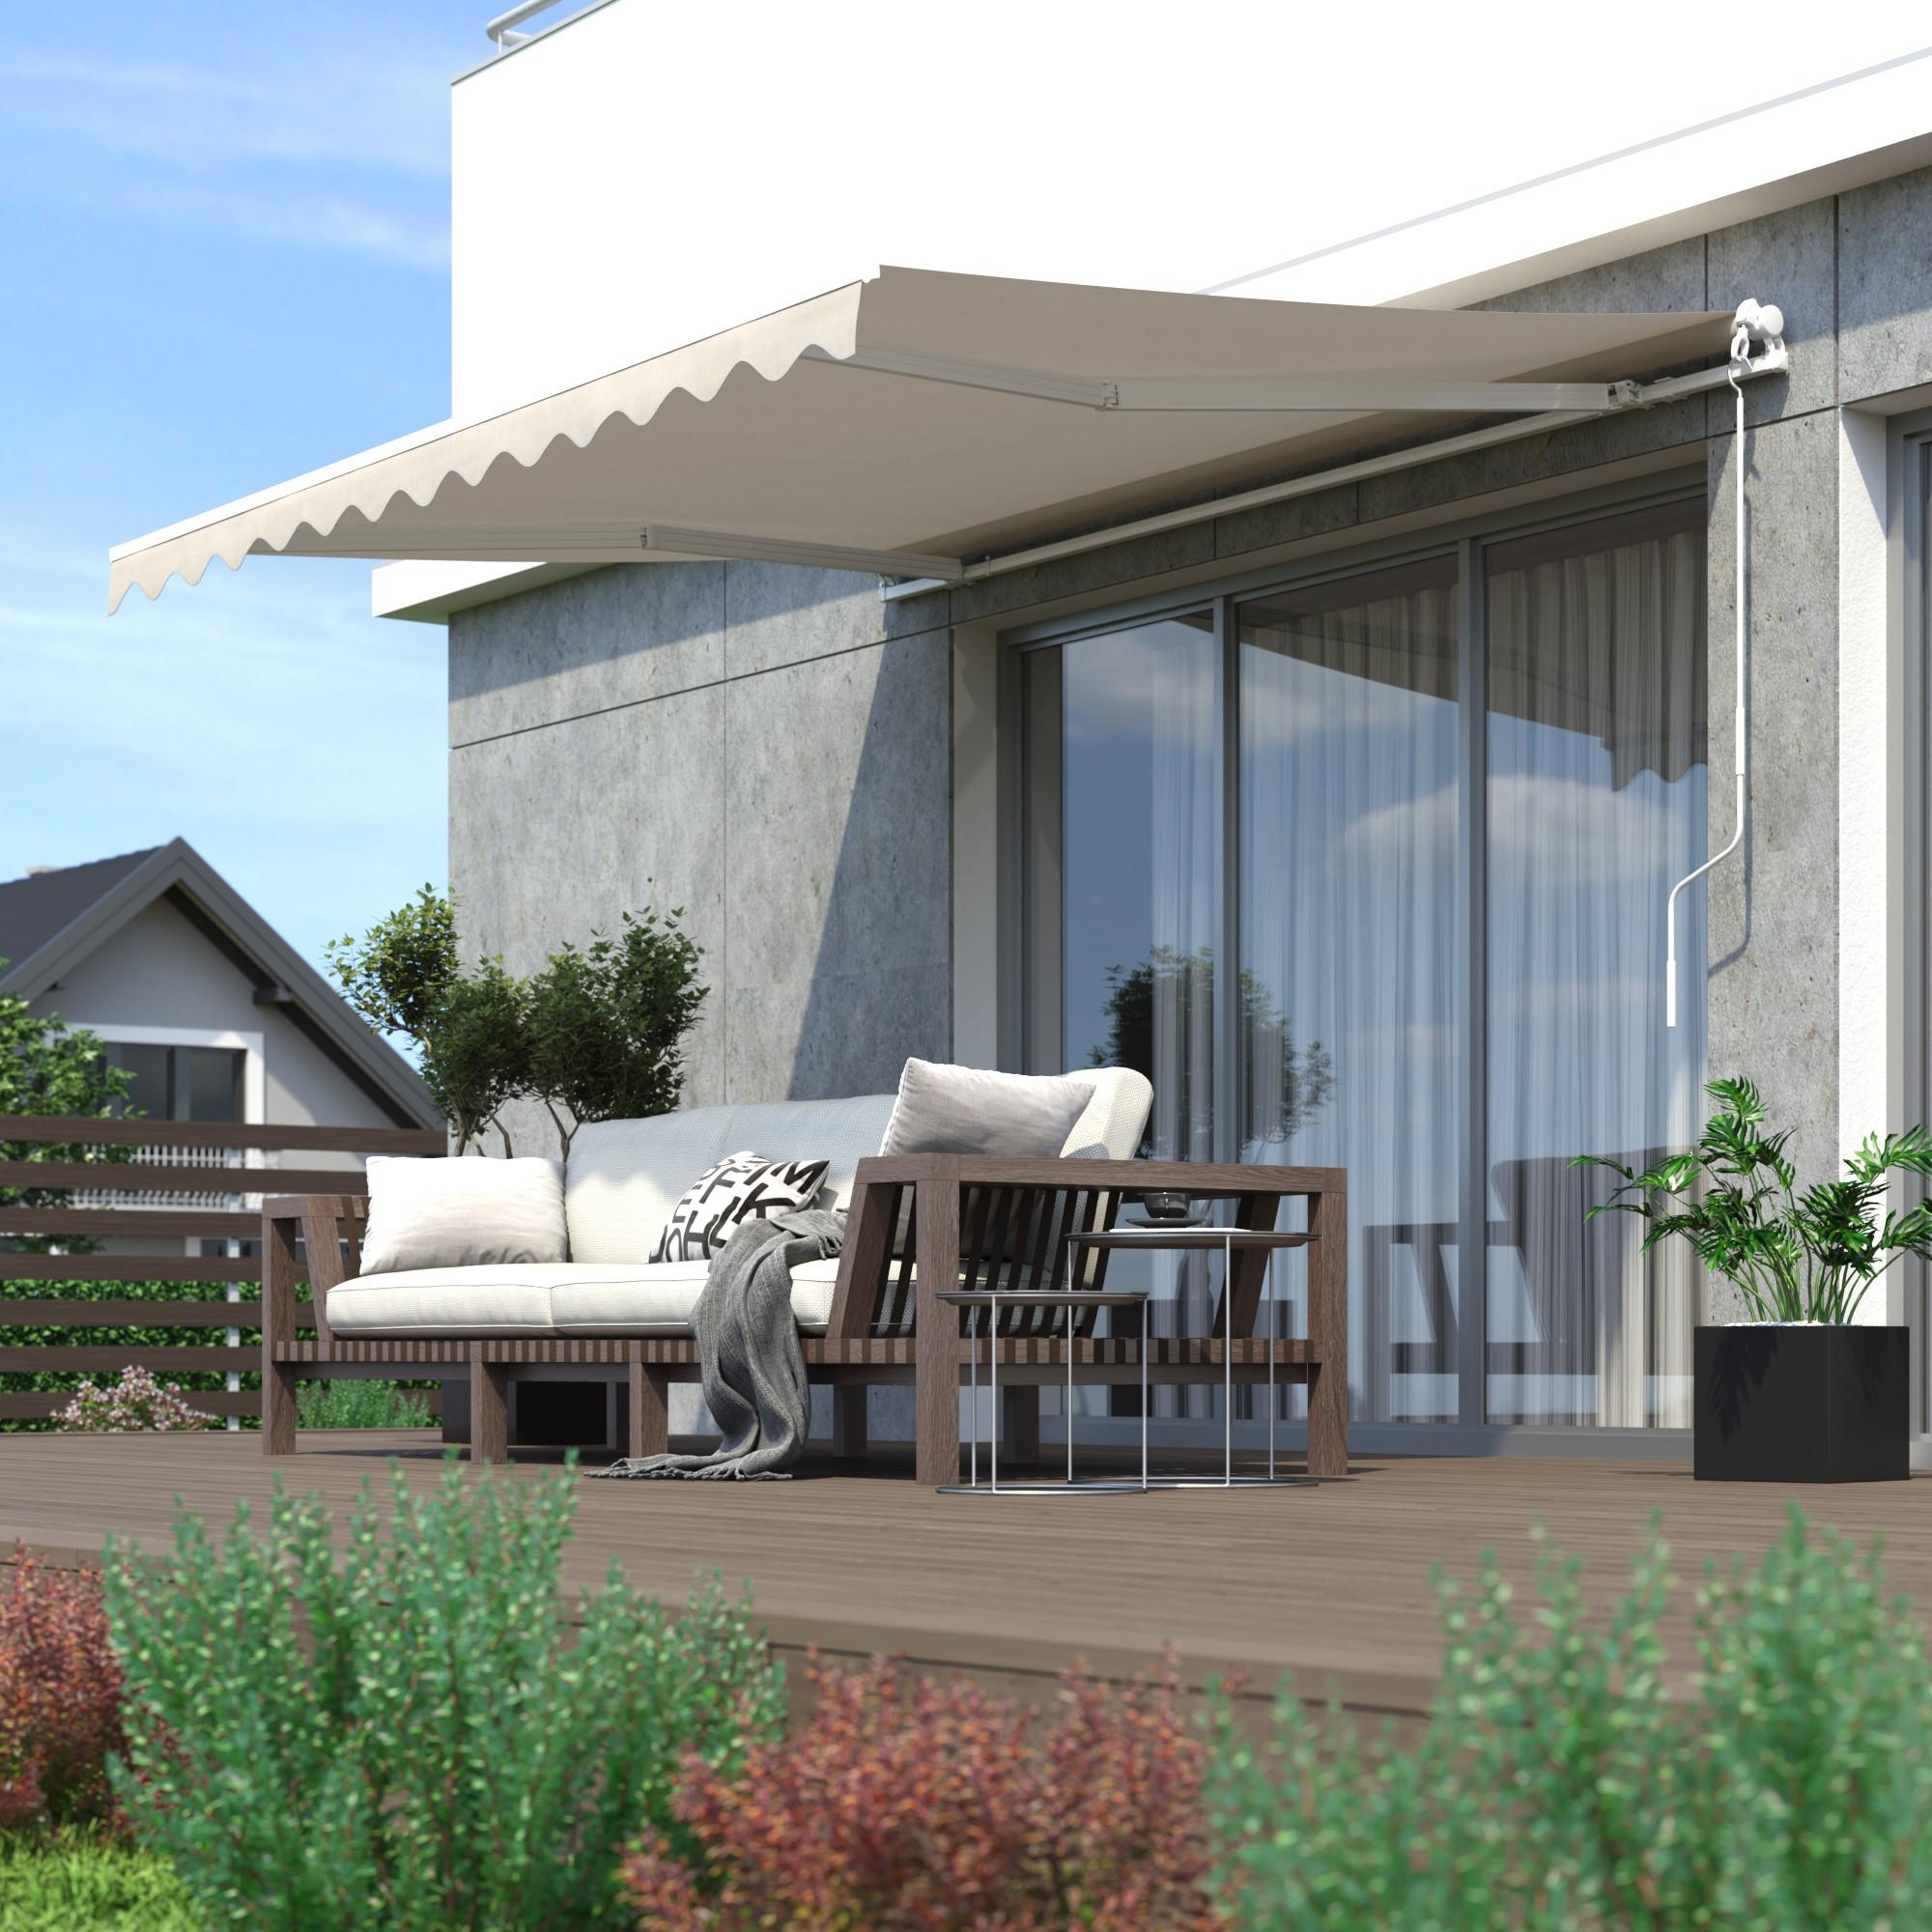 Markise-Sonnenschutz-Gelenkarmmarkise-Balkon-Handkurbel-295x200cm-Beige-B-Ware Indexbild 7